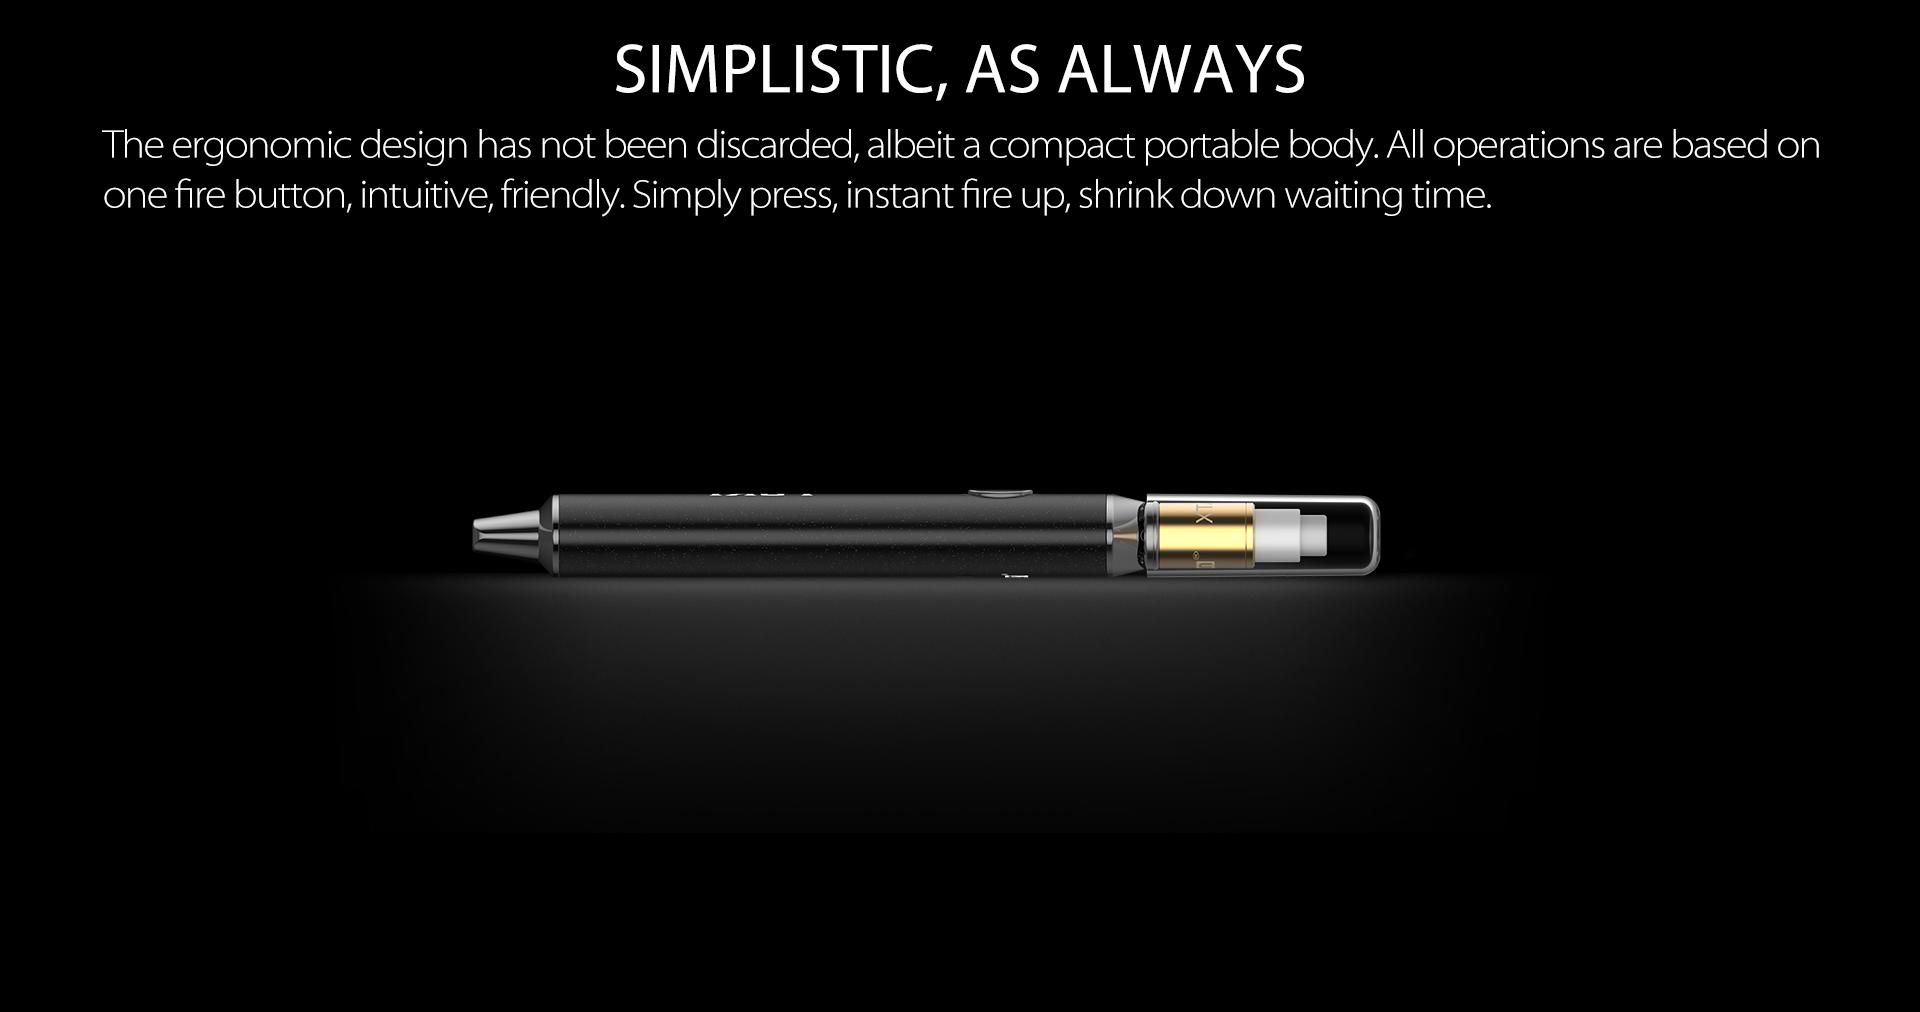 Yocan Loki Vaporizer Pen come with a compact portable body.